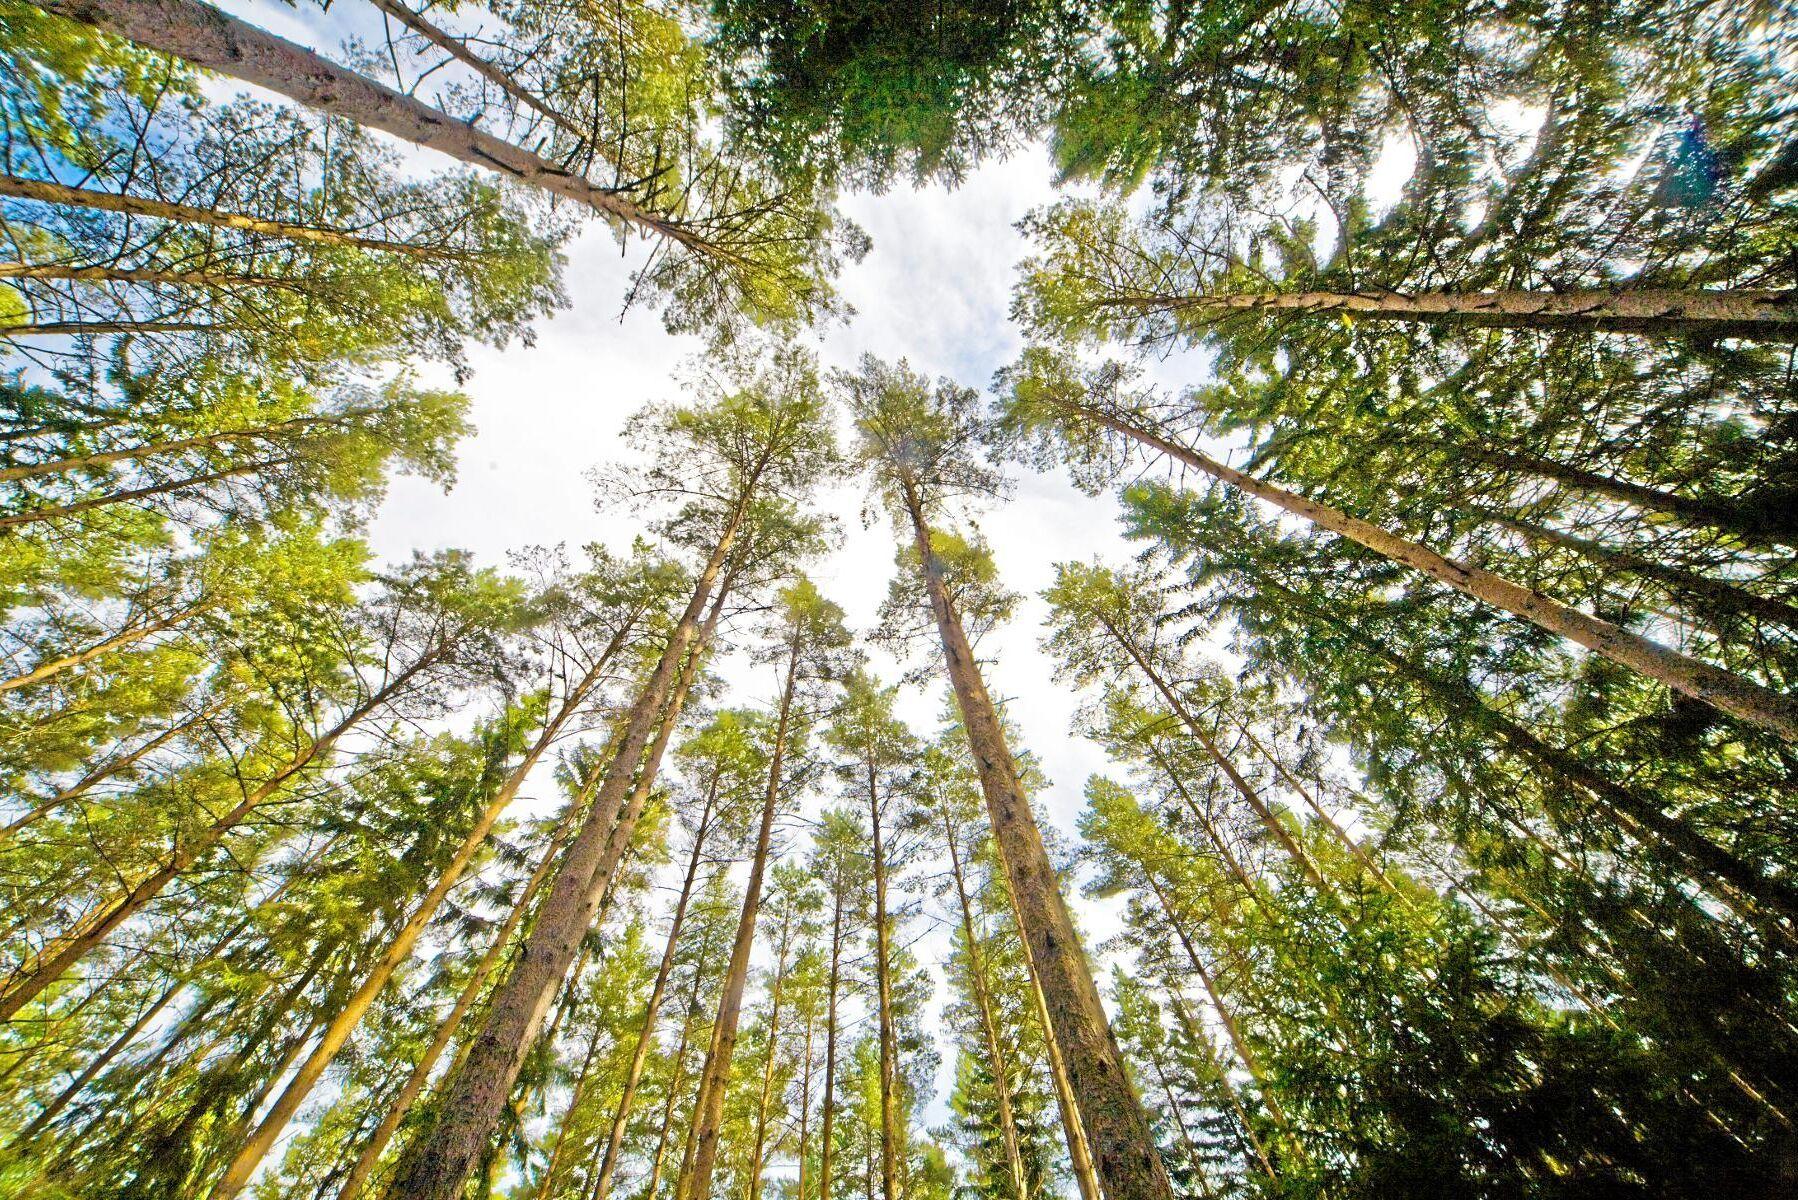 En grön omställning tillsammans med stimulanspaket efter coronapandemin bidrar till att driva på efterfrågan av framför allt sågade trävaror framöver, tror Danske Bank.